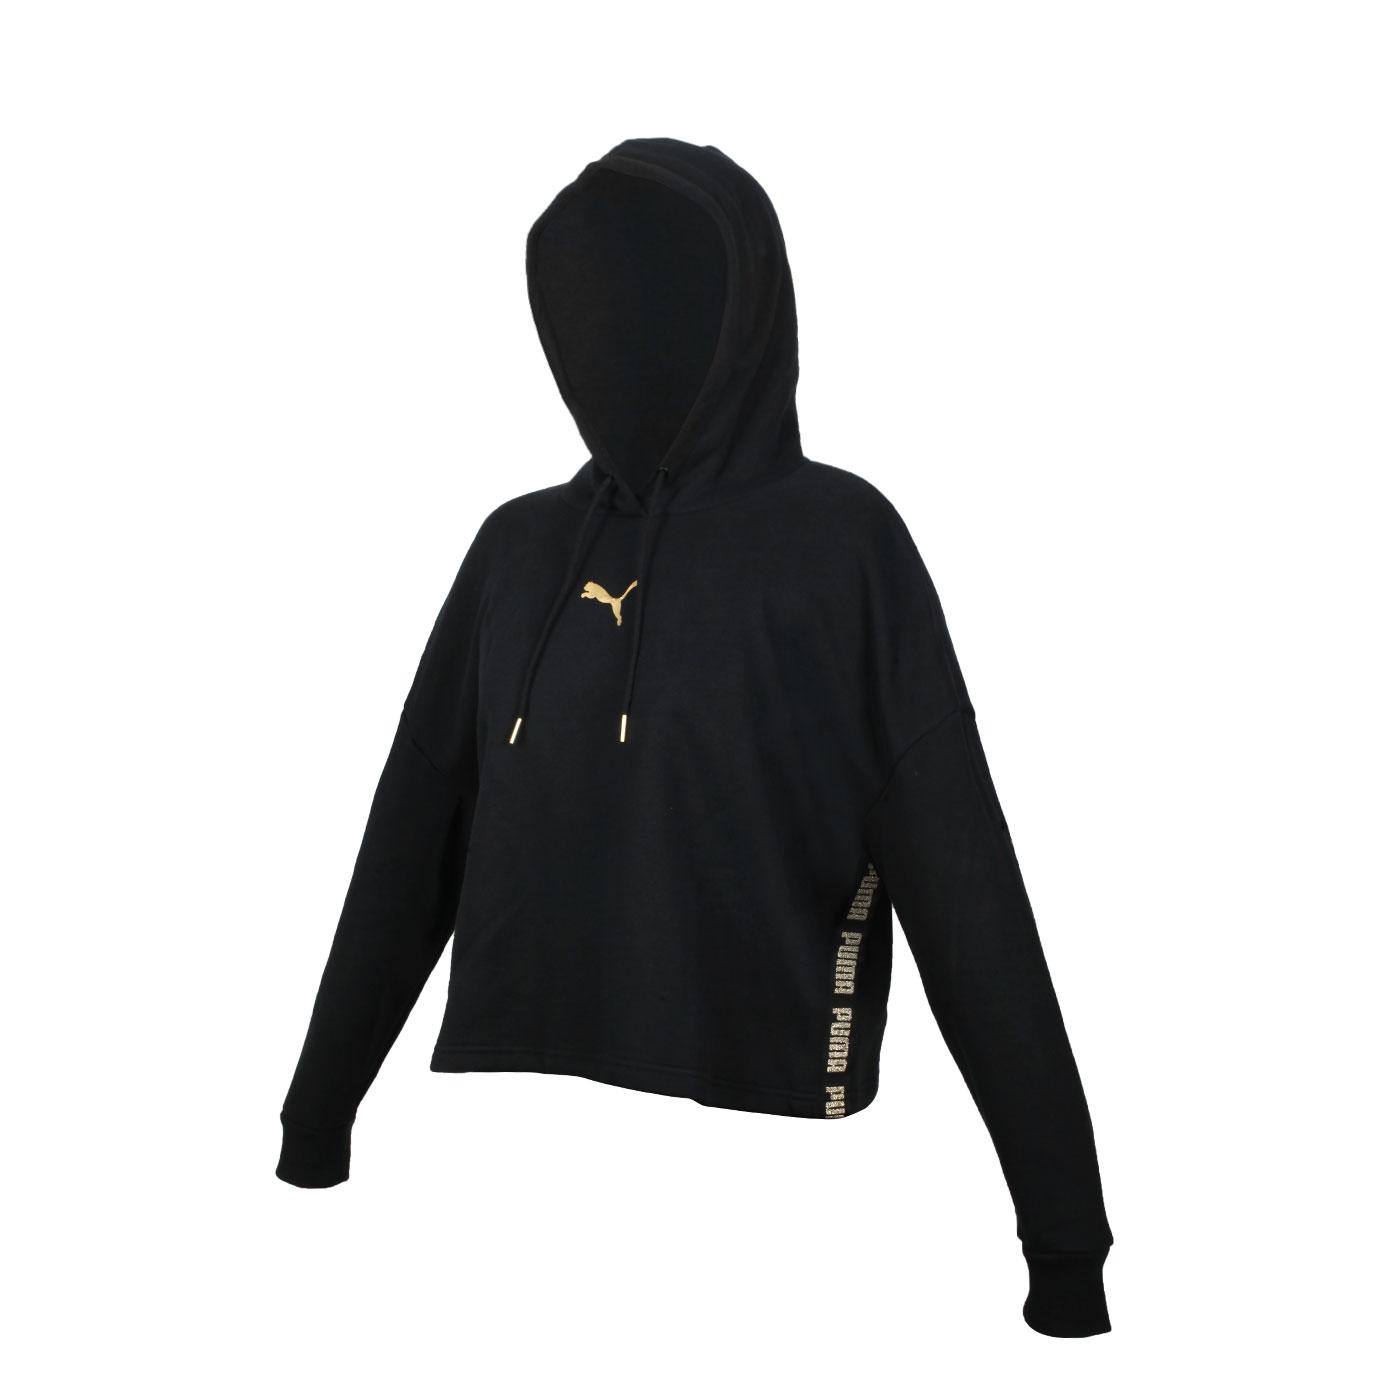 PUMA 女款長厚連帽T恤 58714801 - 黑金